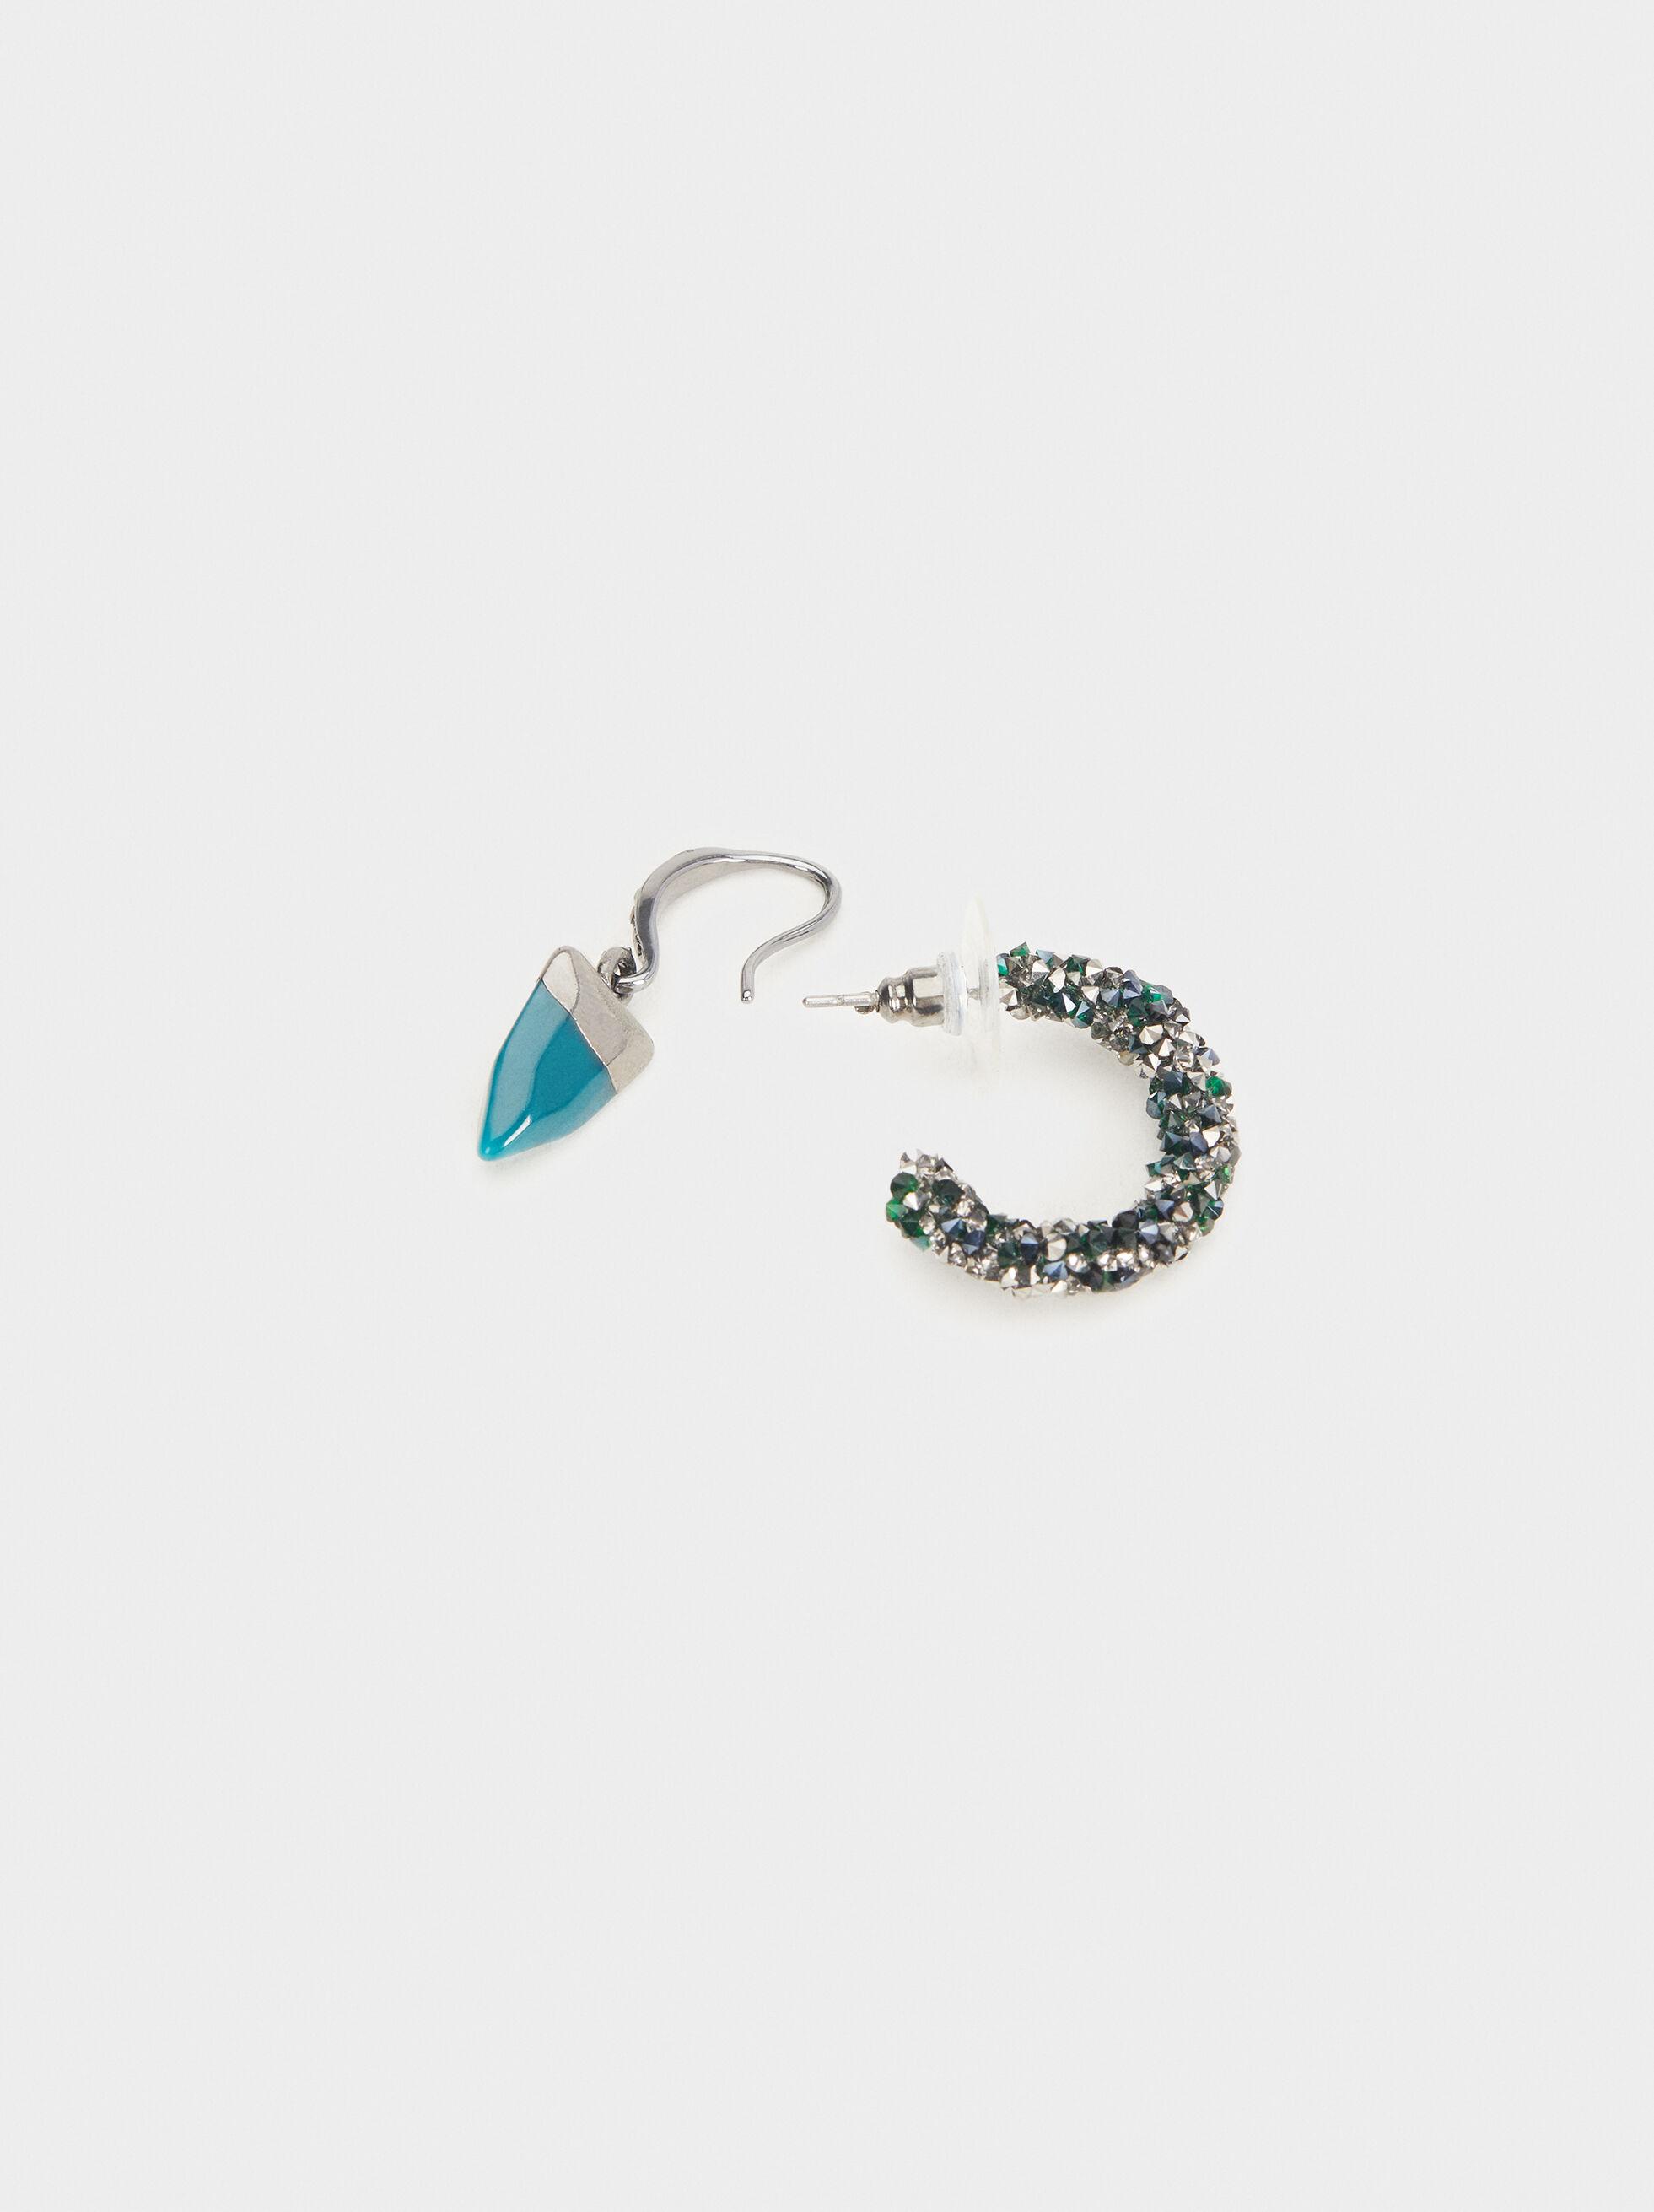 Botanic Party Hoop Earrings Set, Multicolor, hi-res